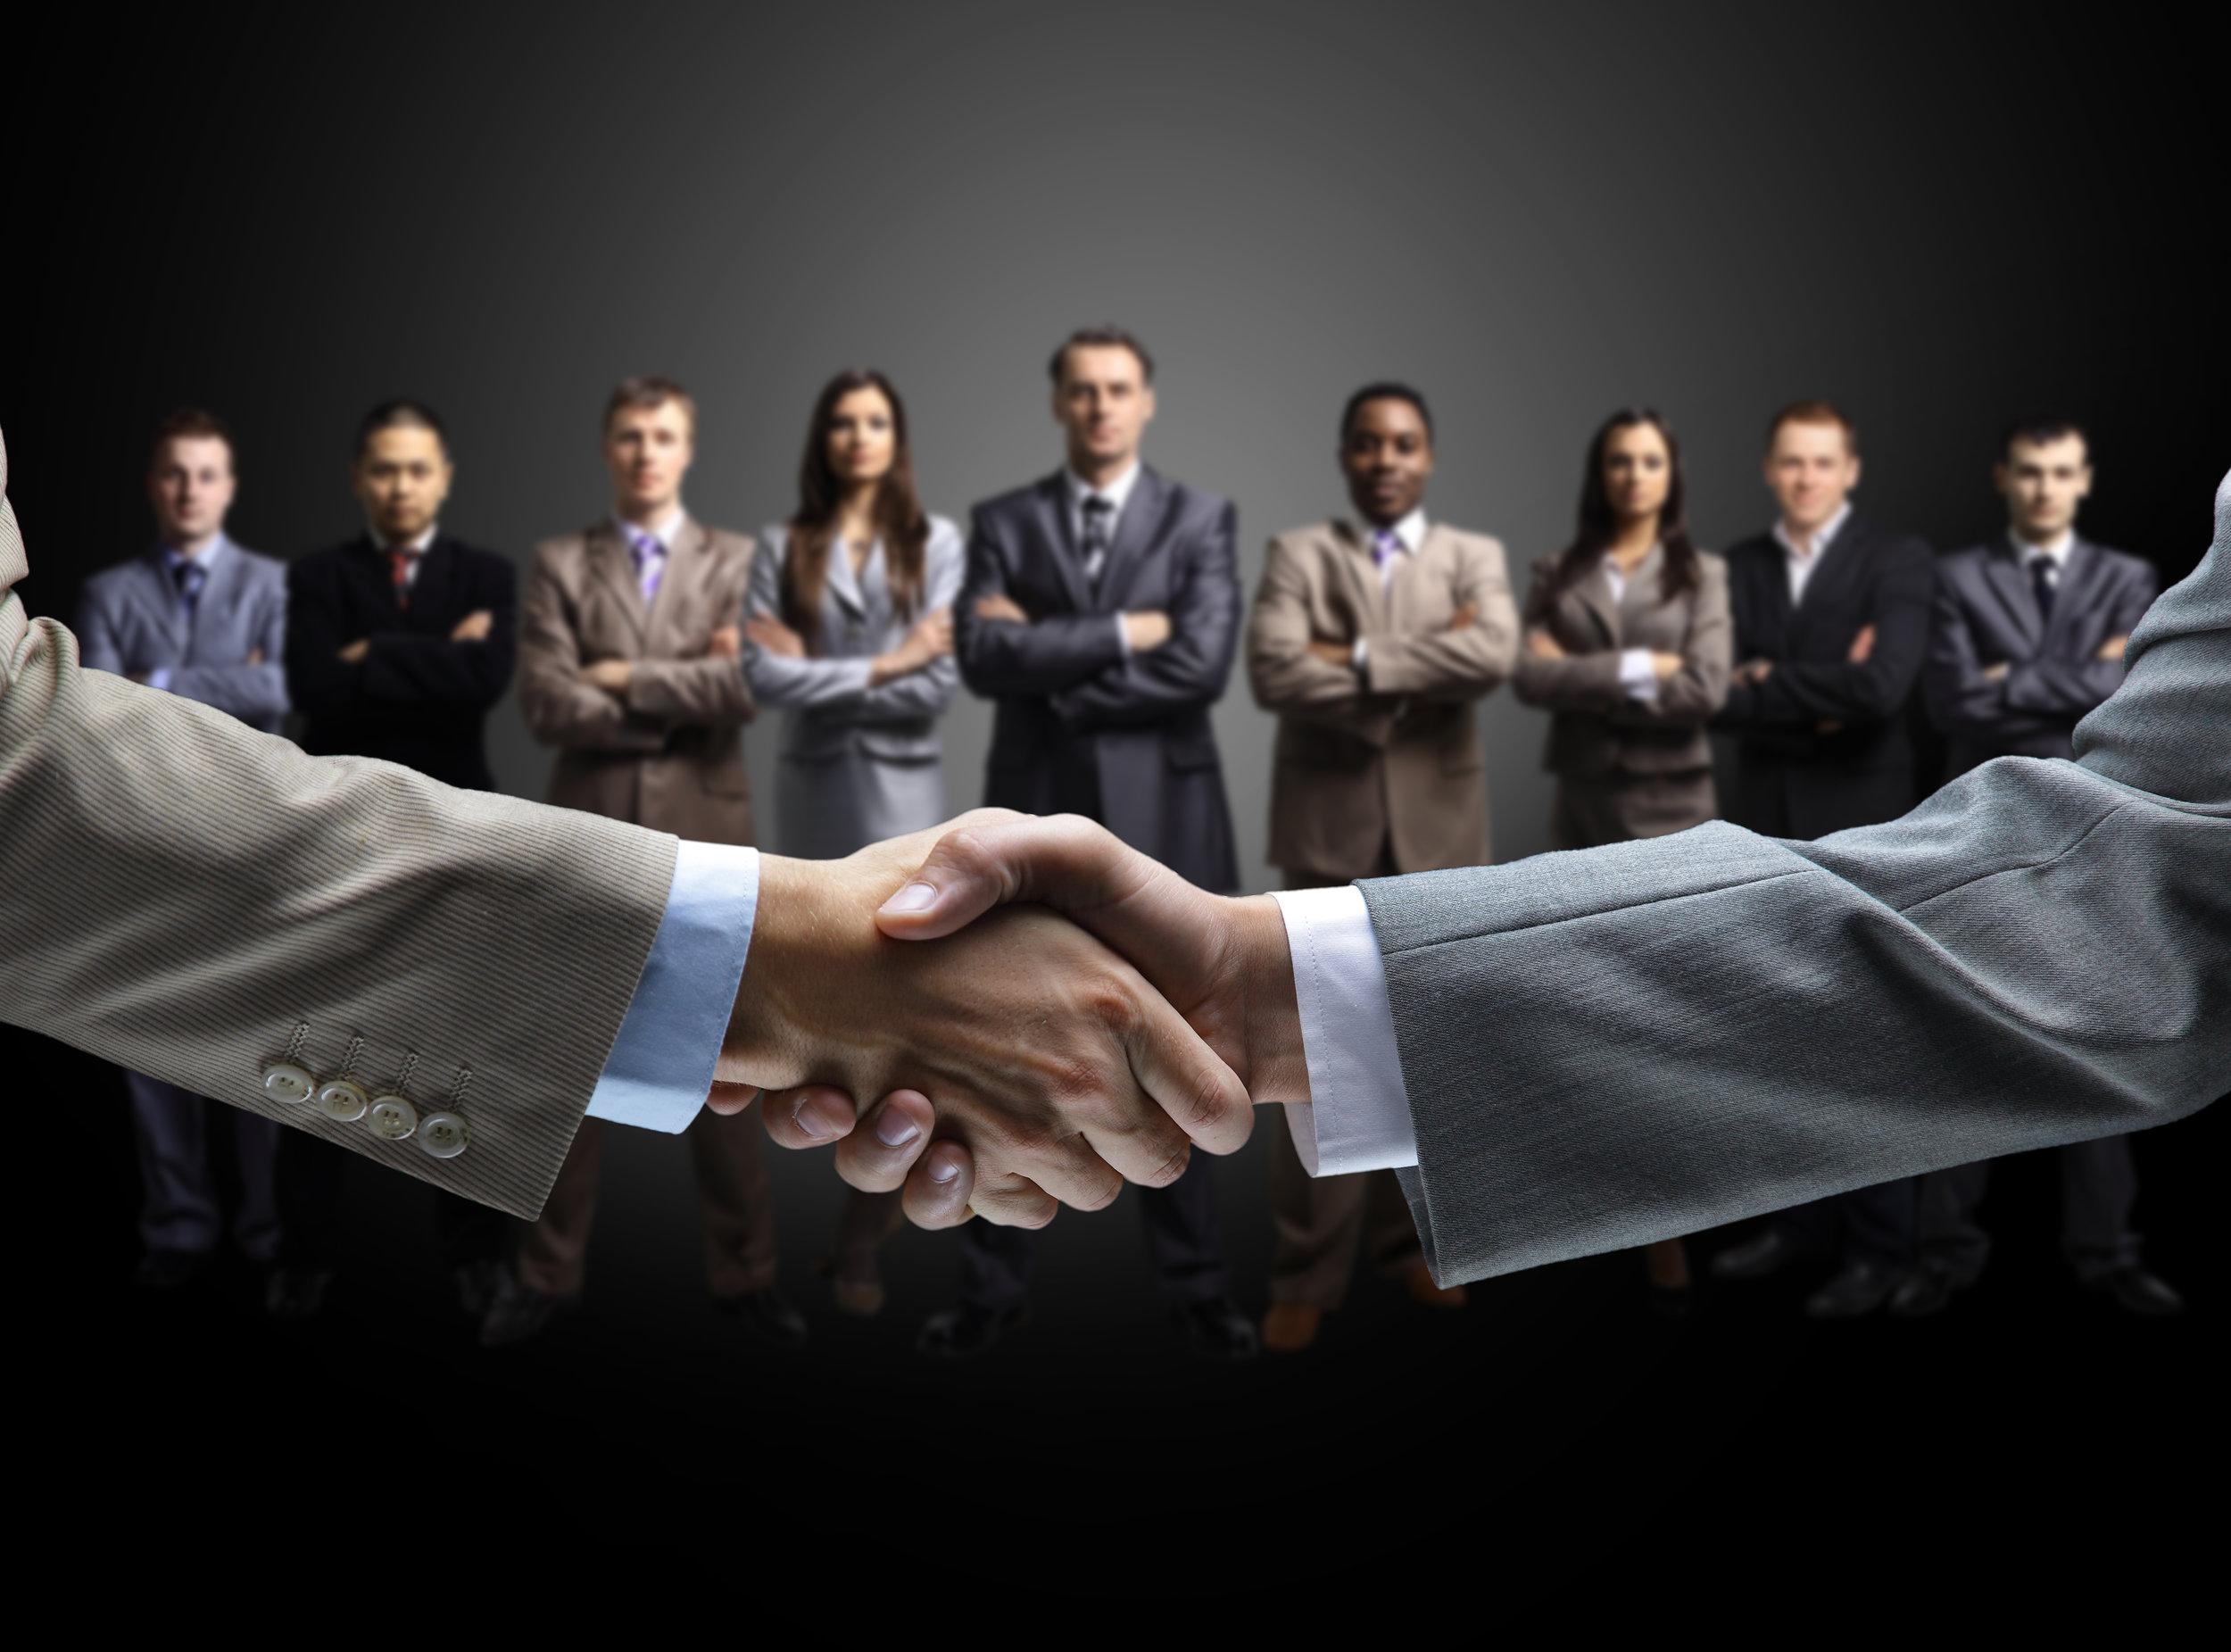 VIRKSOMHEDER TIL SALG - Faqtum M&A har altid mindst 20 virksomheder til salg - se oversigten her.